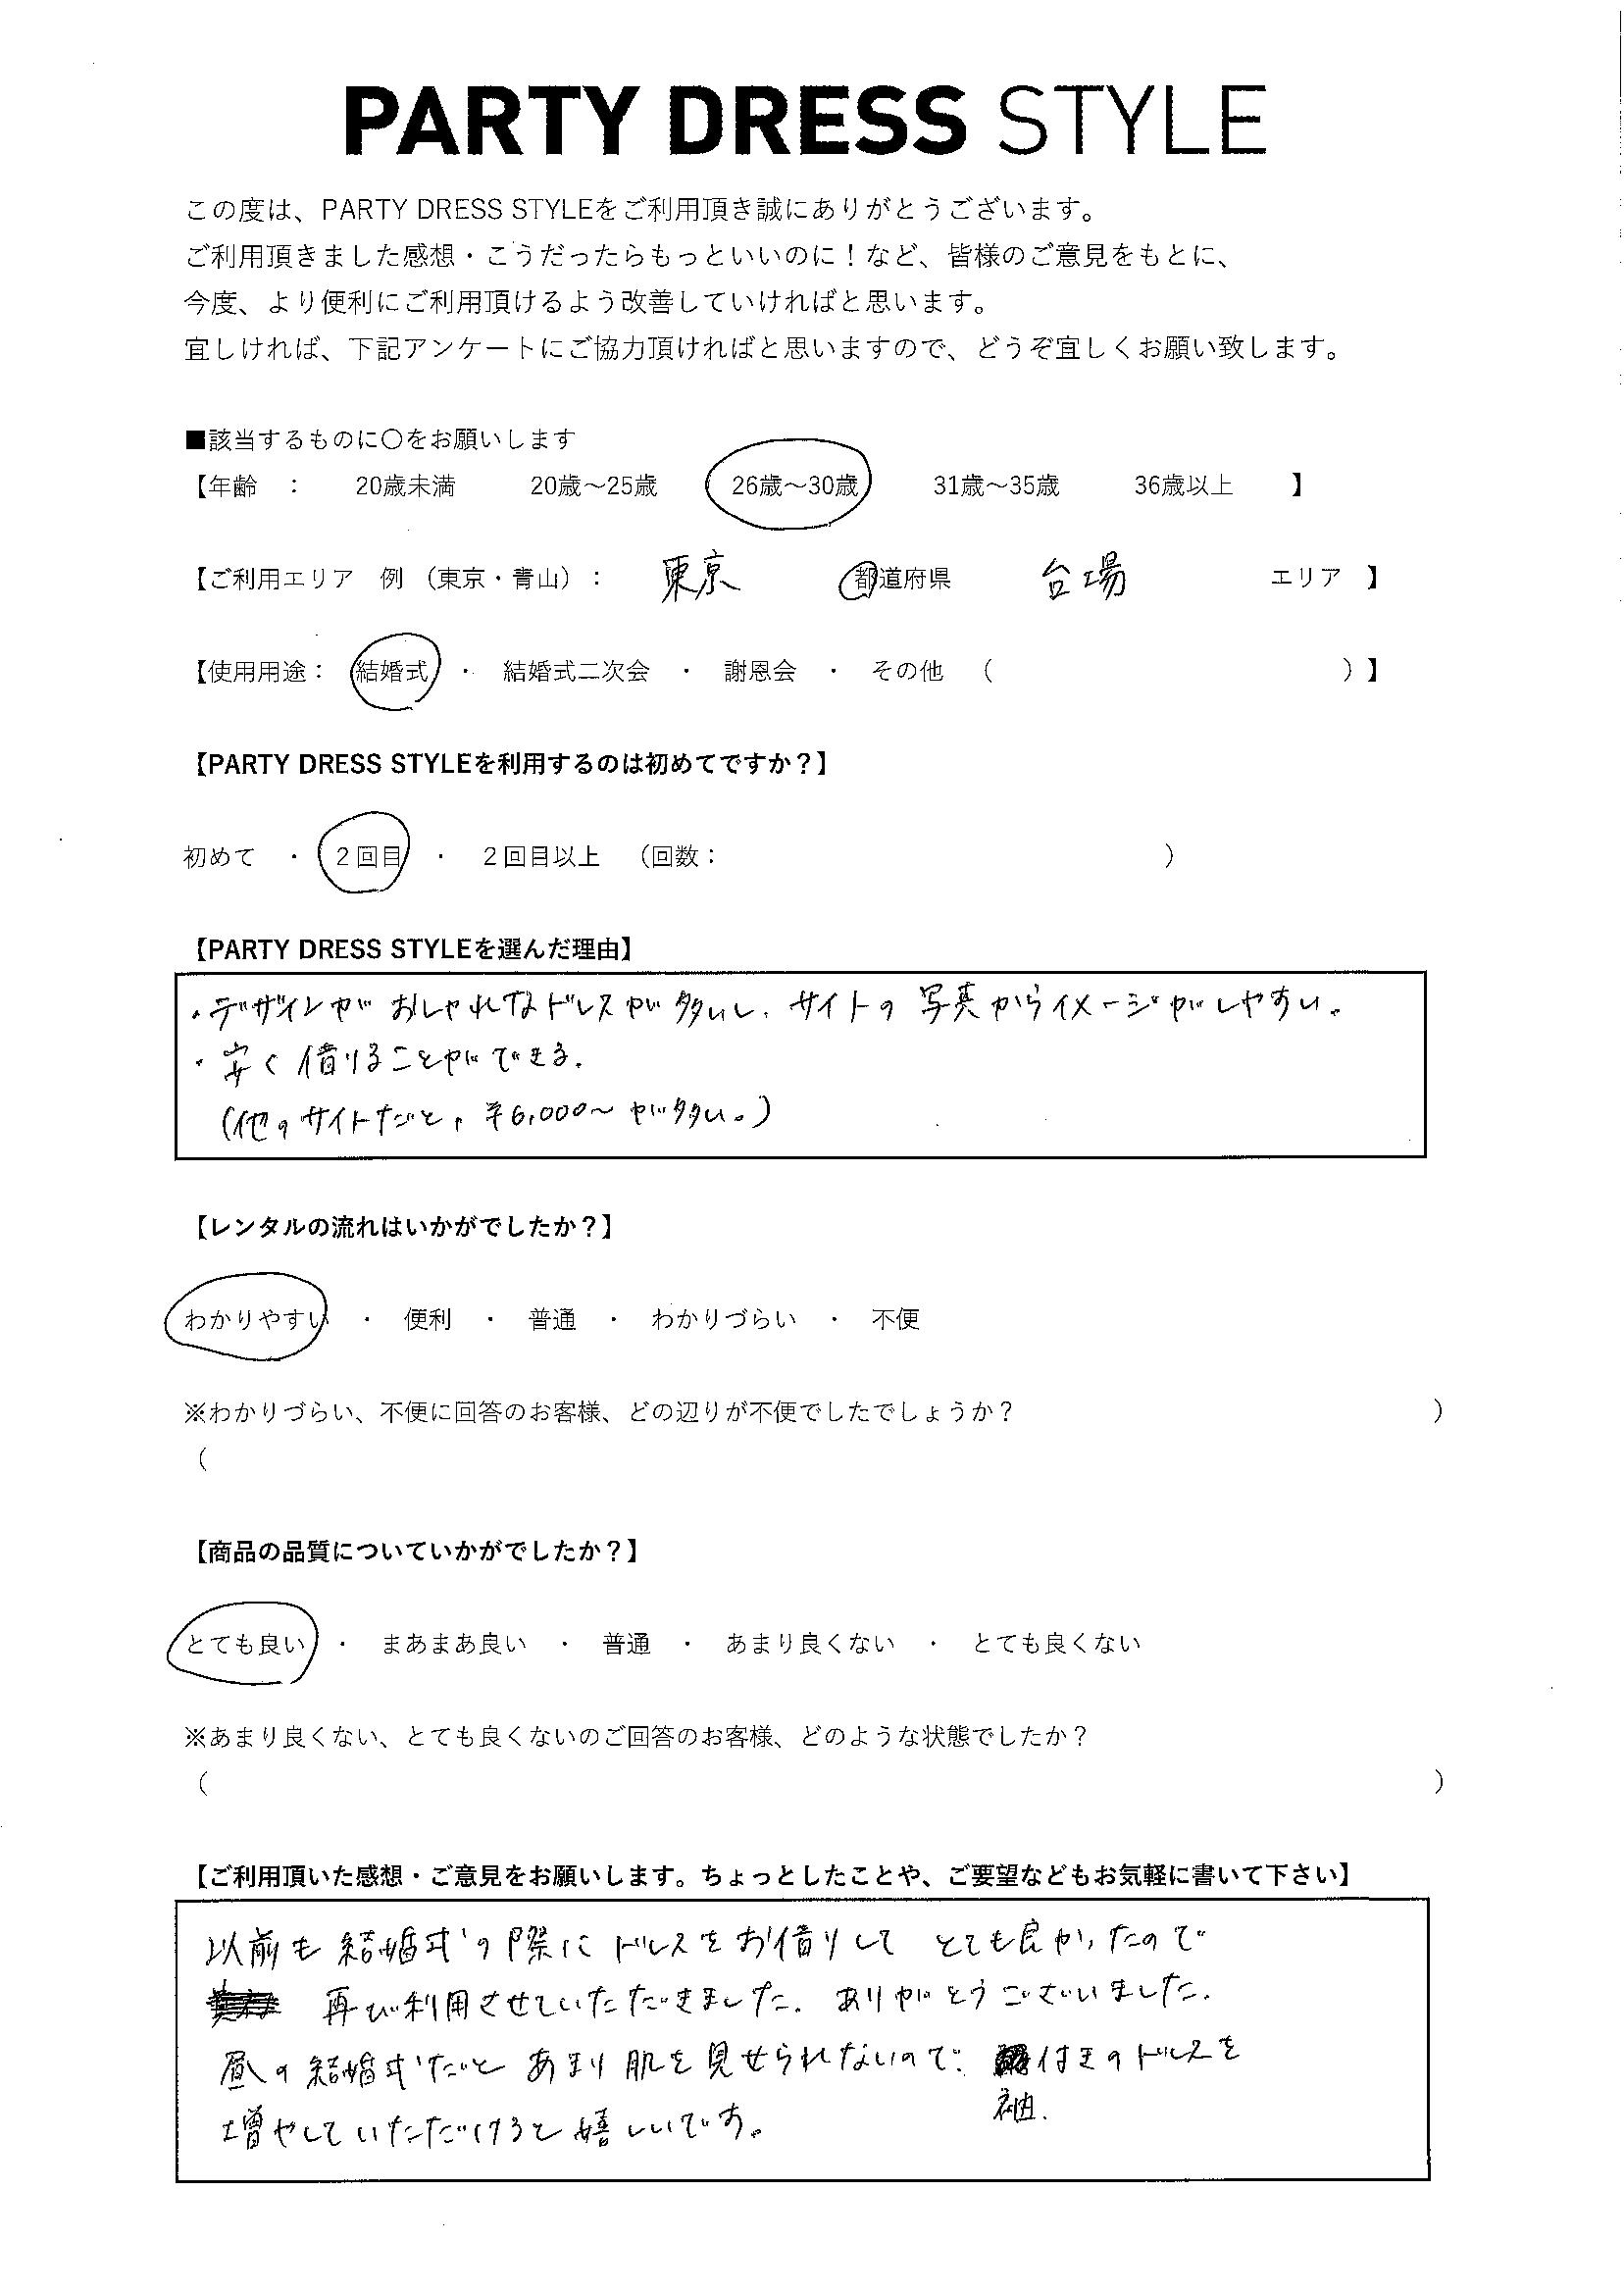 7/14結婚式 東京都・台場エリア